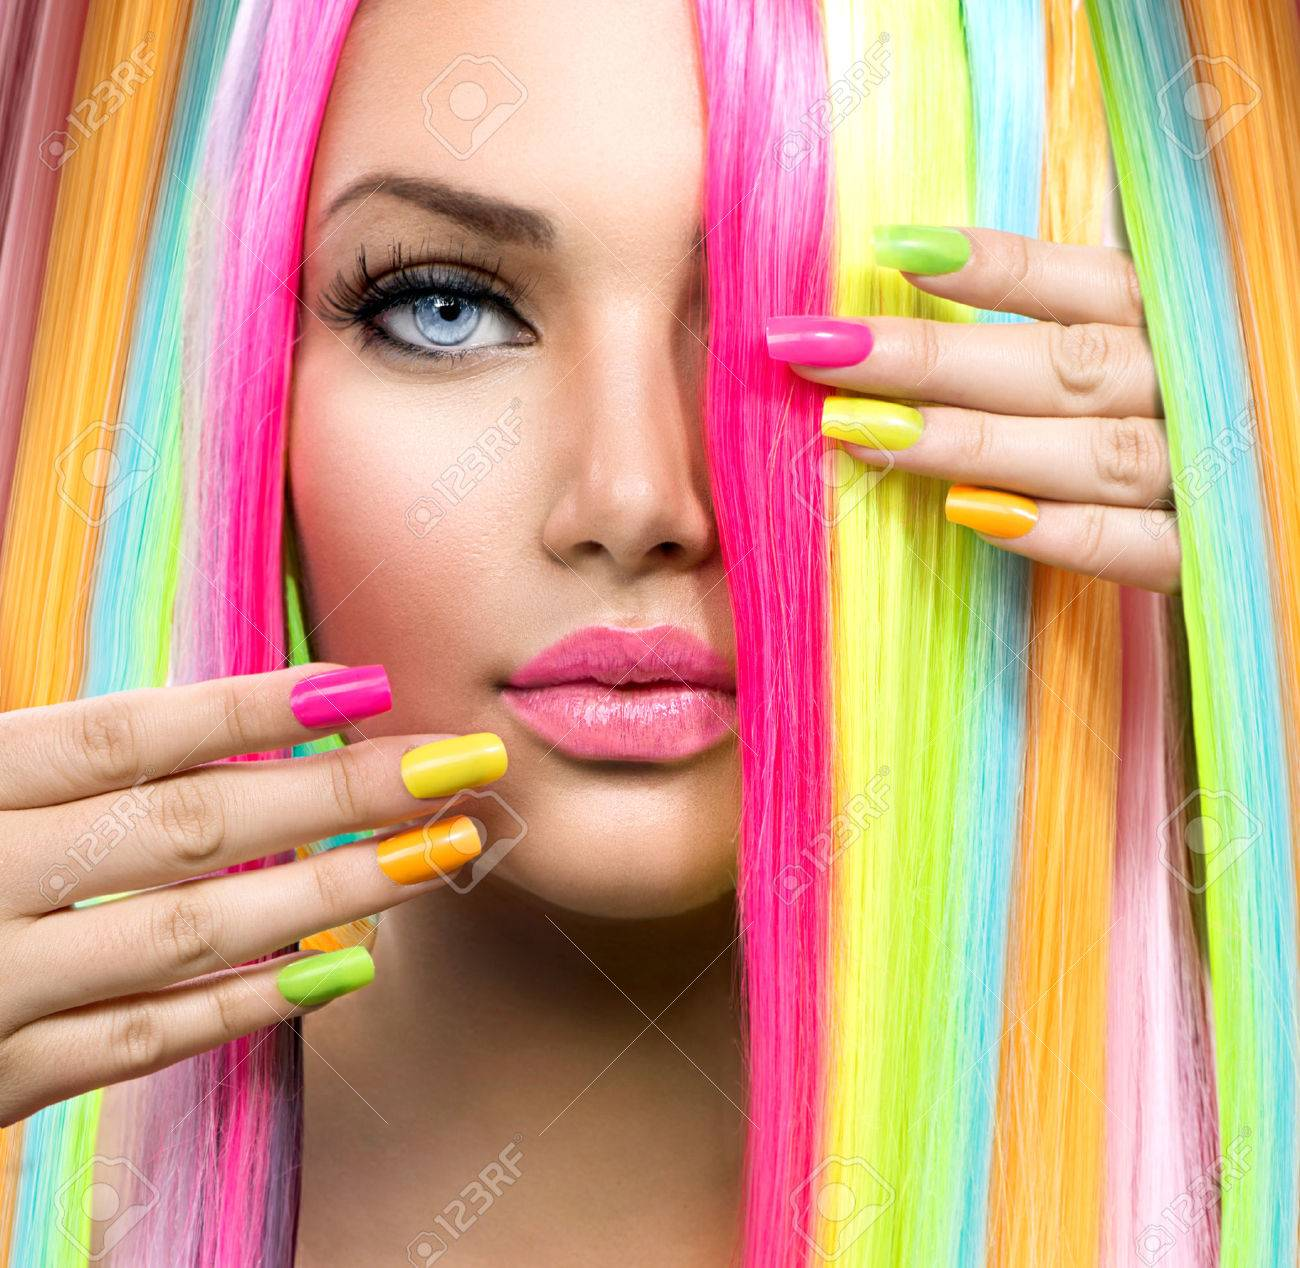 banque dimages fille de beaut avec le maquillage color portrait cheveux et vernis ongles - Colori Maquillage